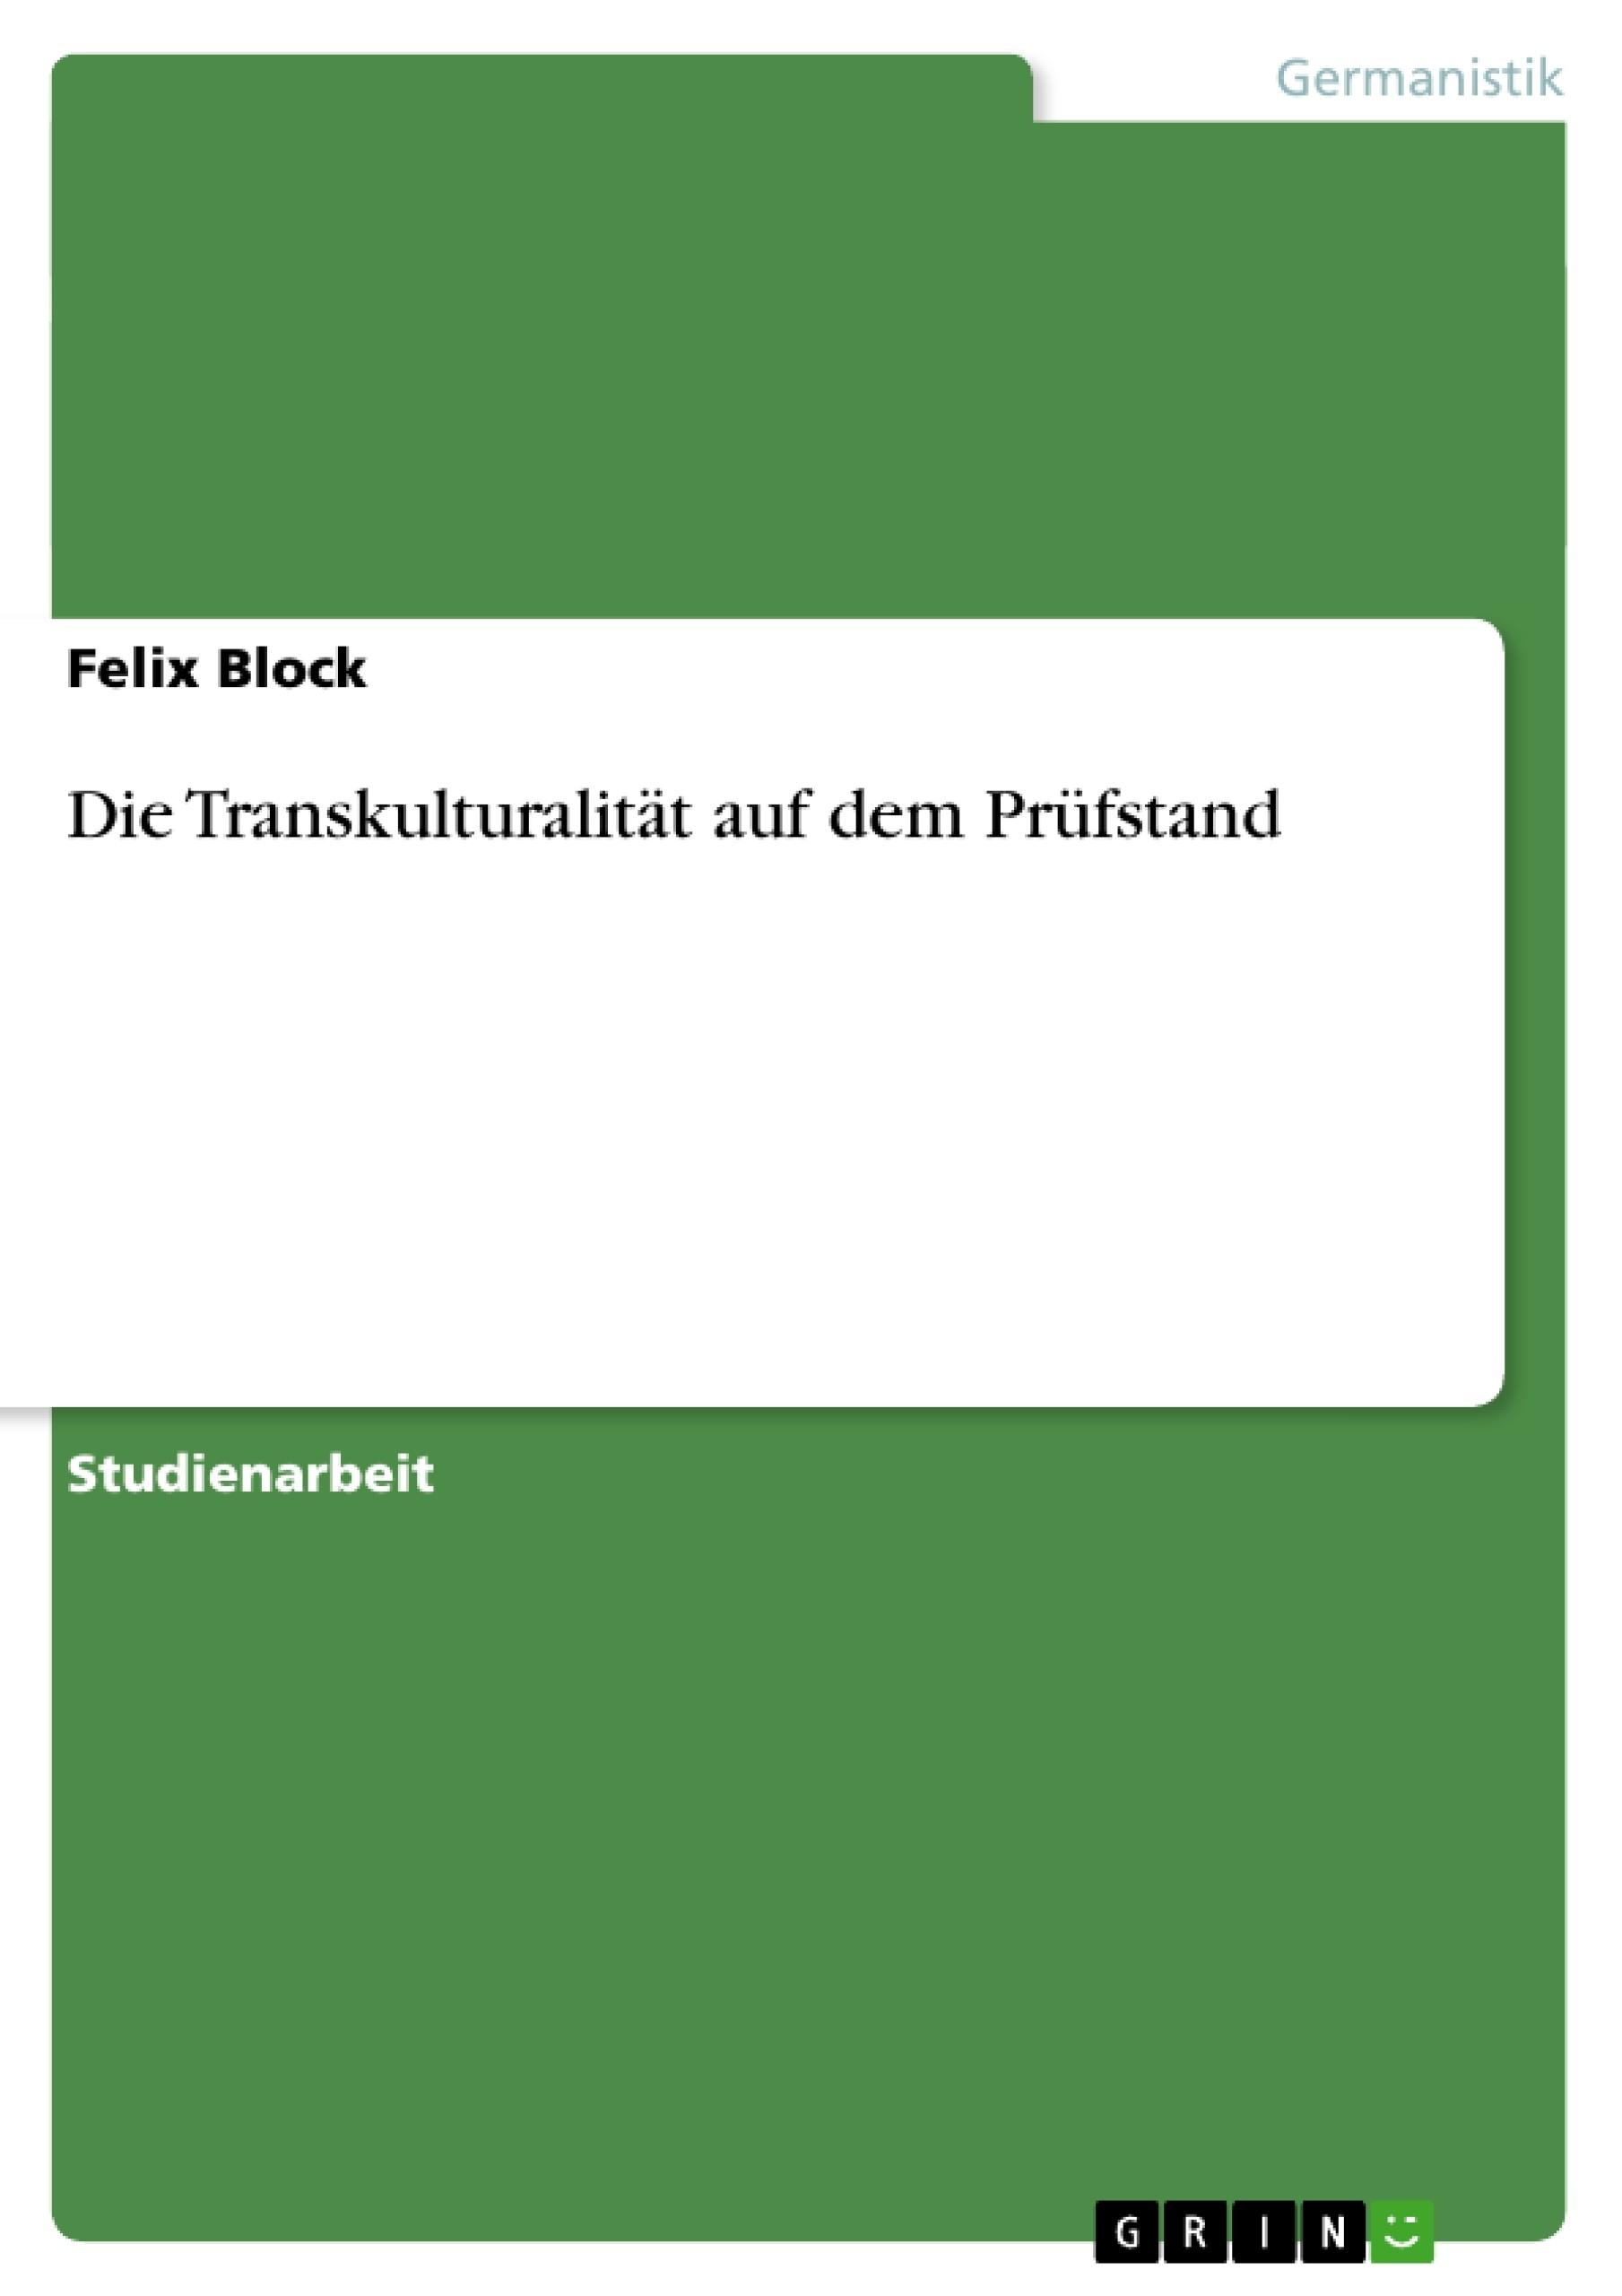 Titel: Die Transkulturalität auf dem Prüfstand